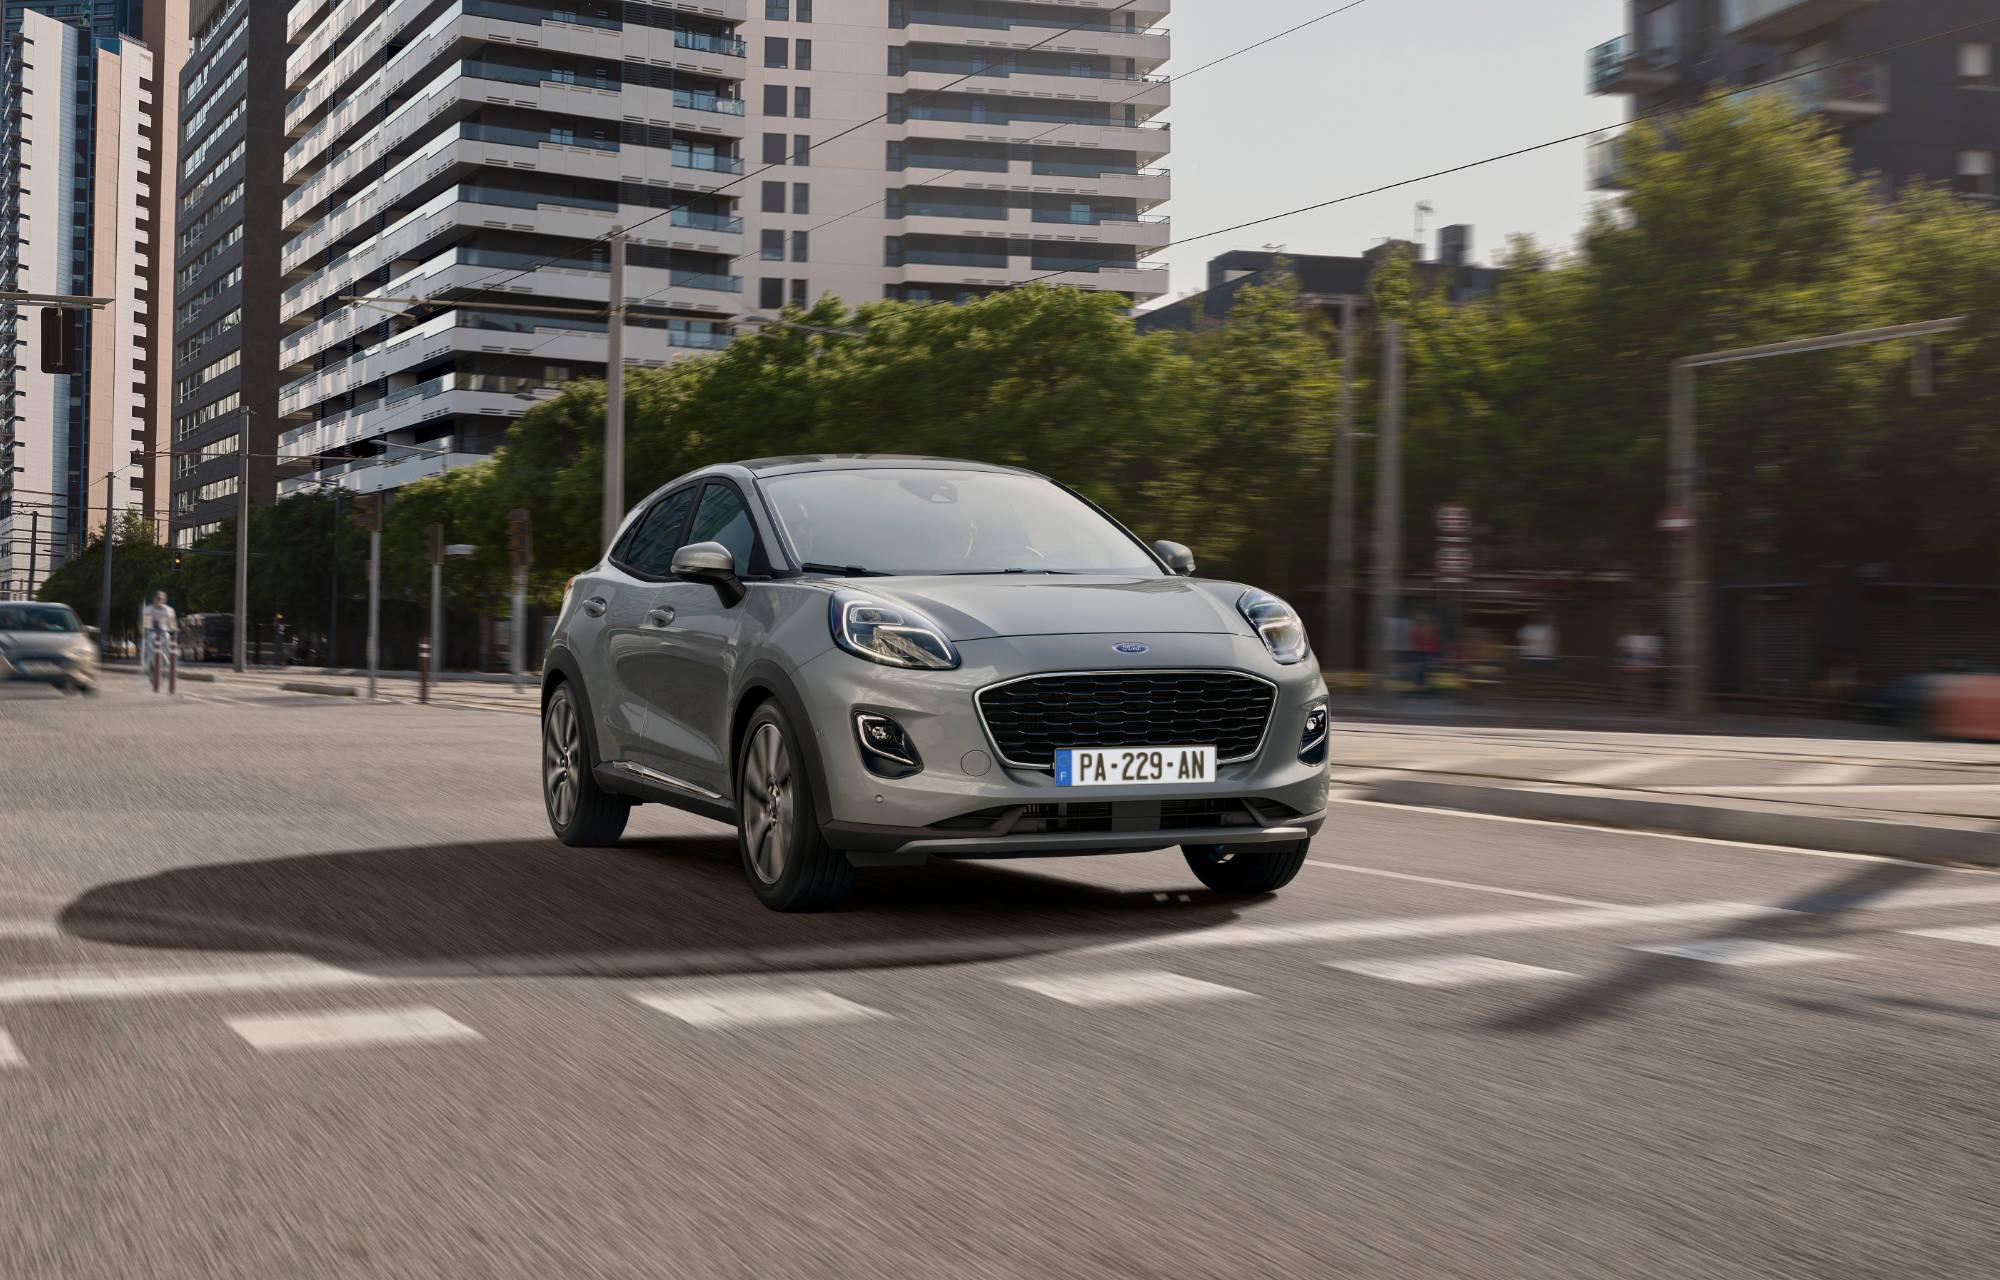 Le nouveau **Ford Puma en vente** chez Schaeffer Automobiles !